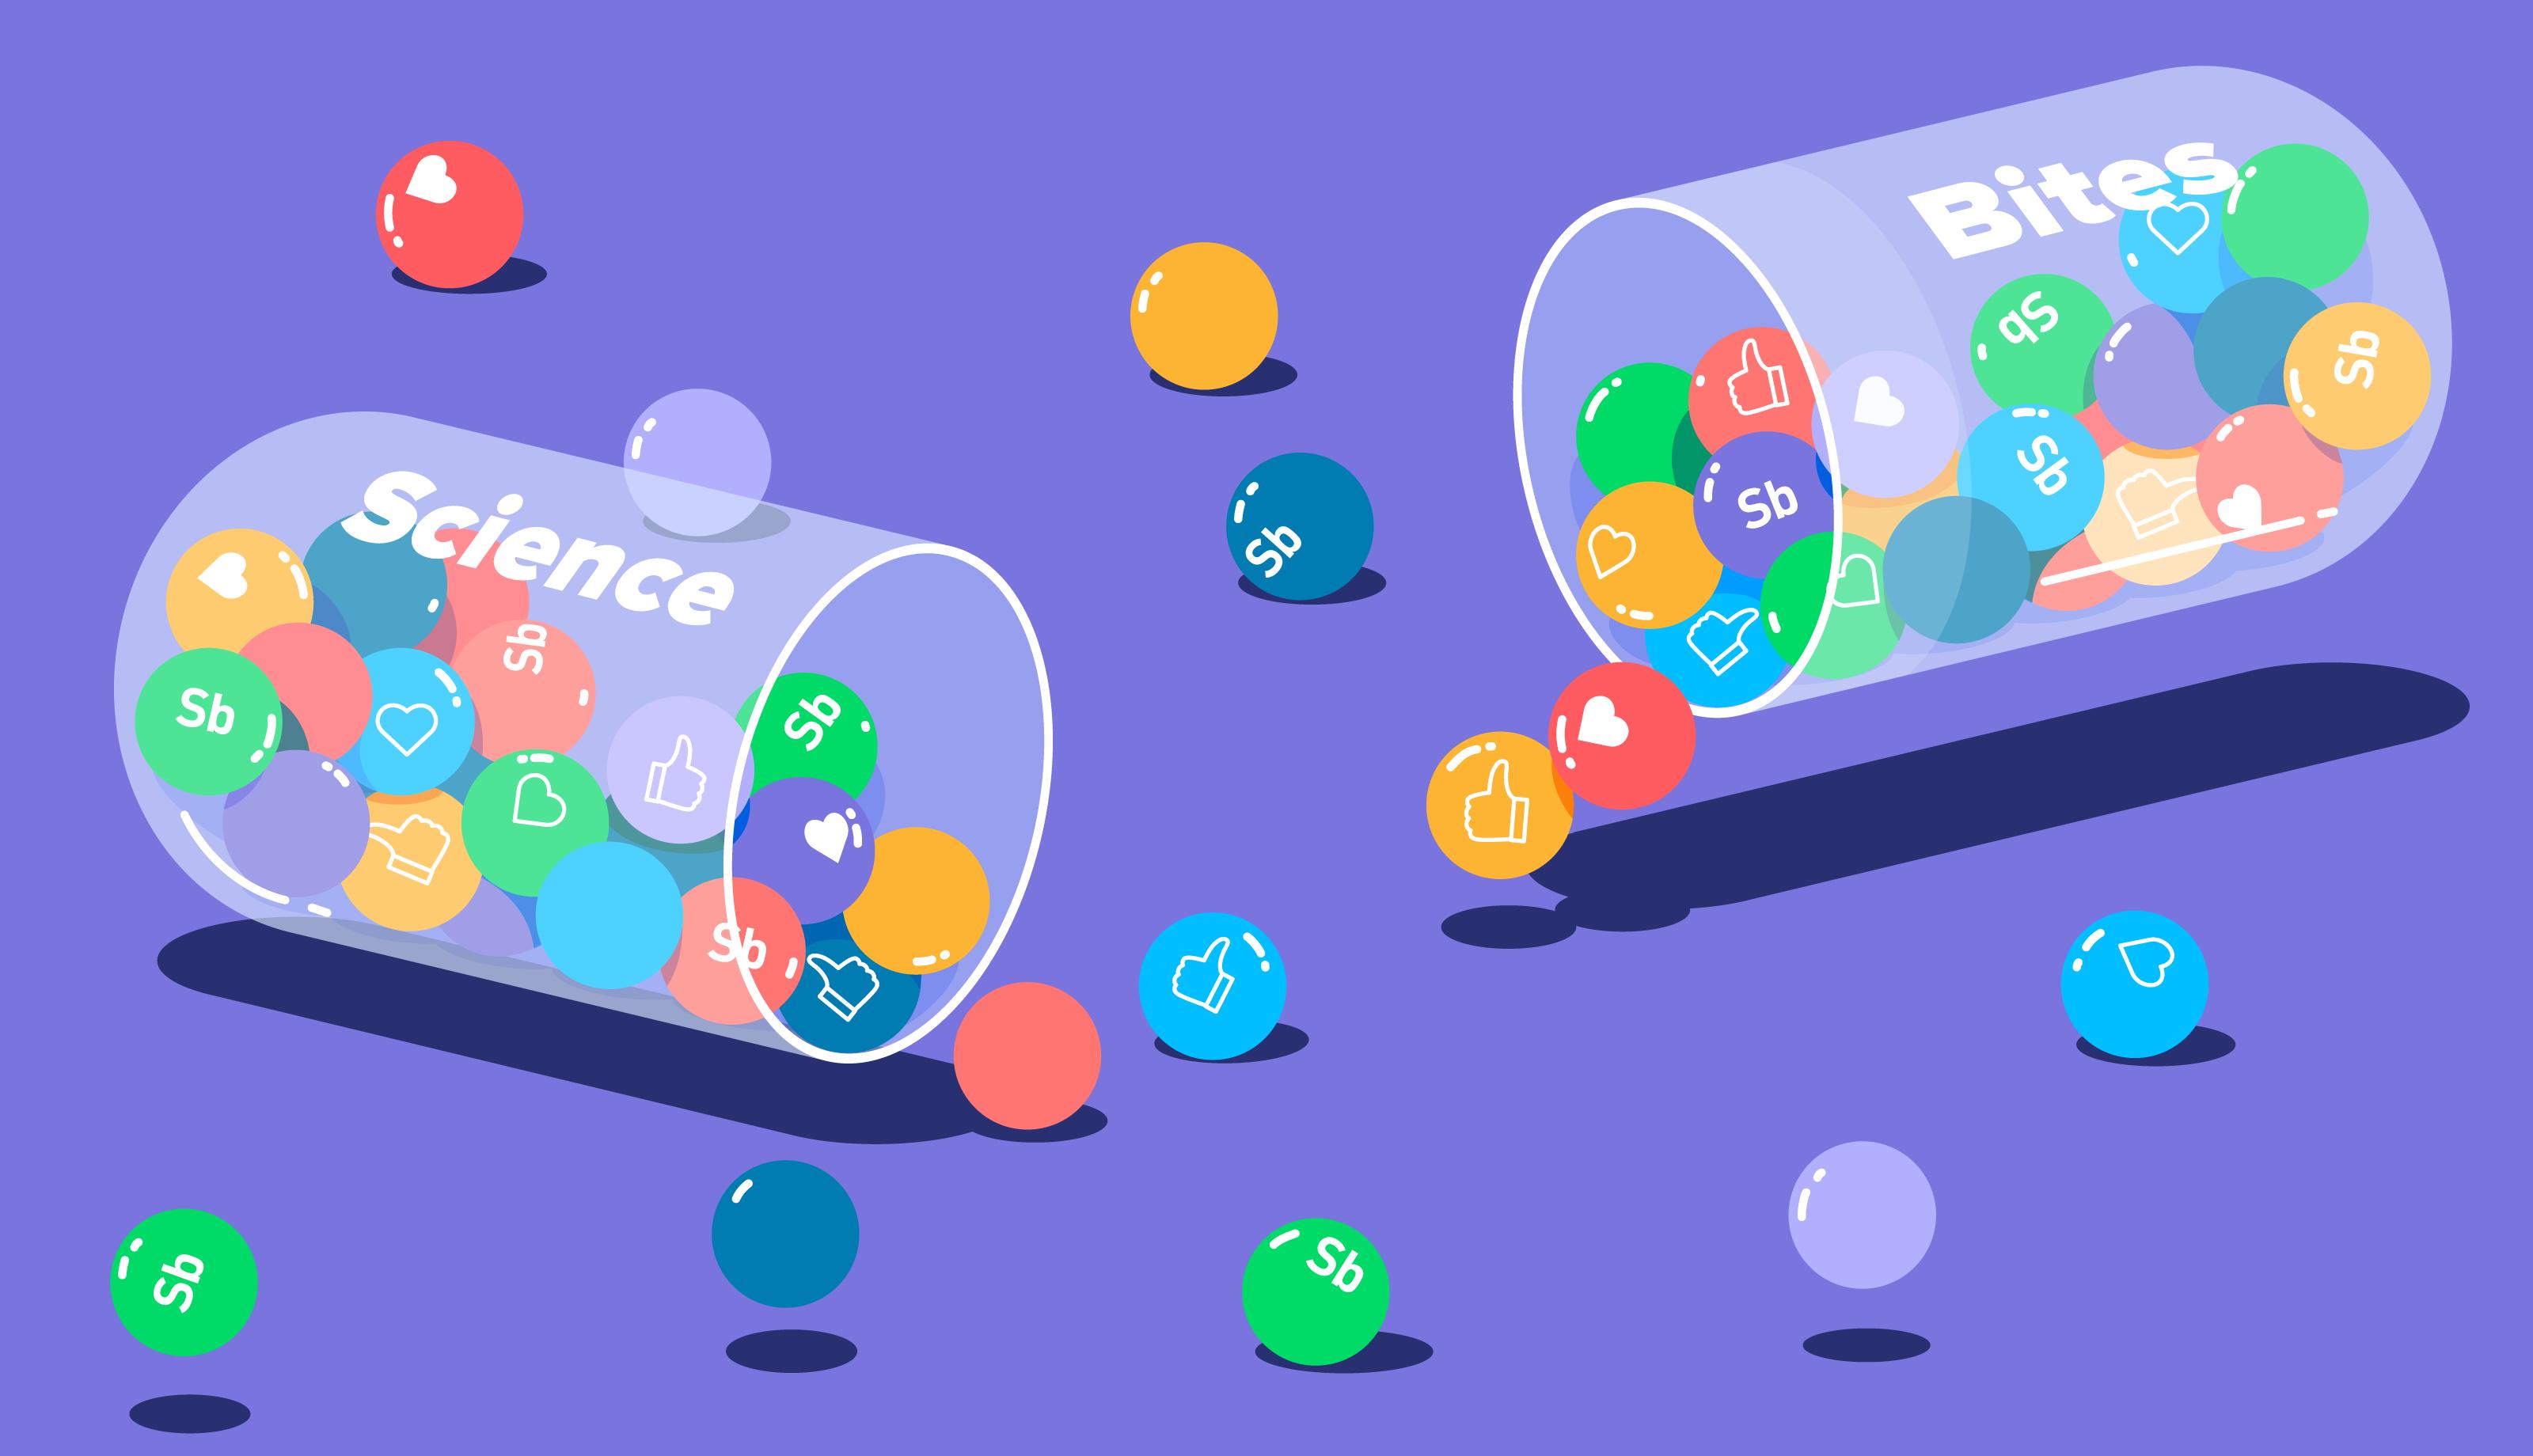 Science-bites--NEW-lavender